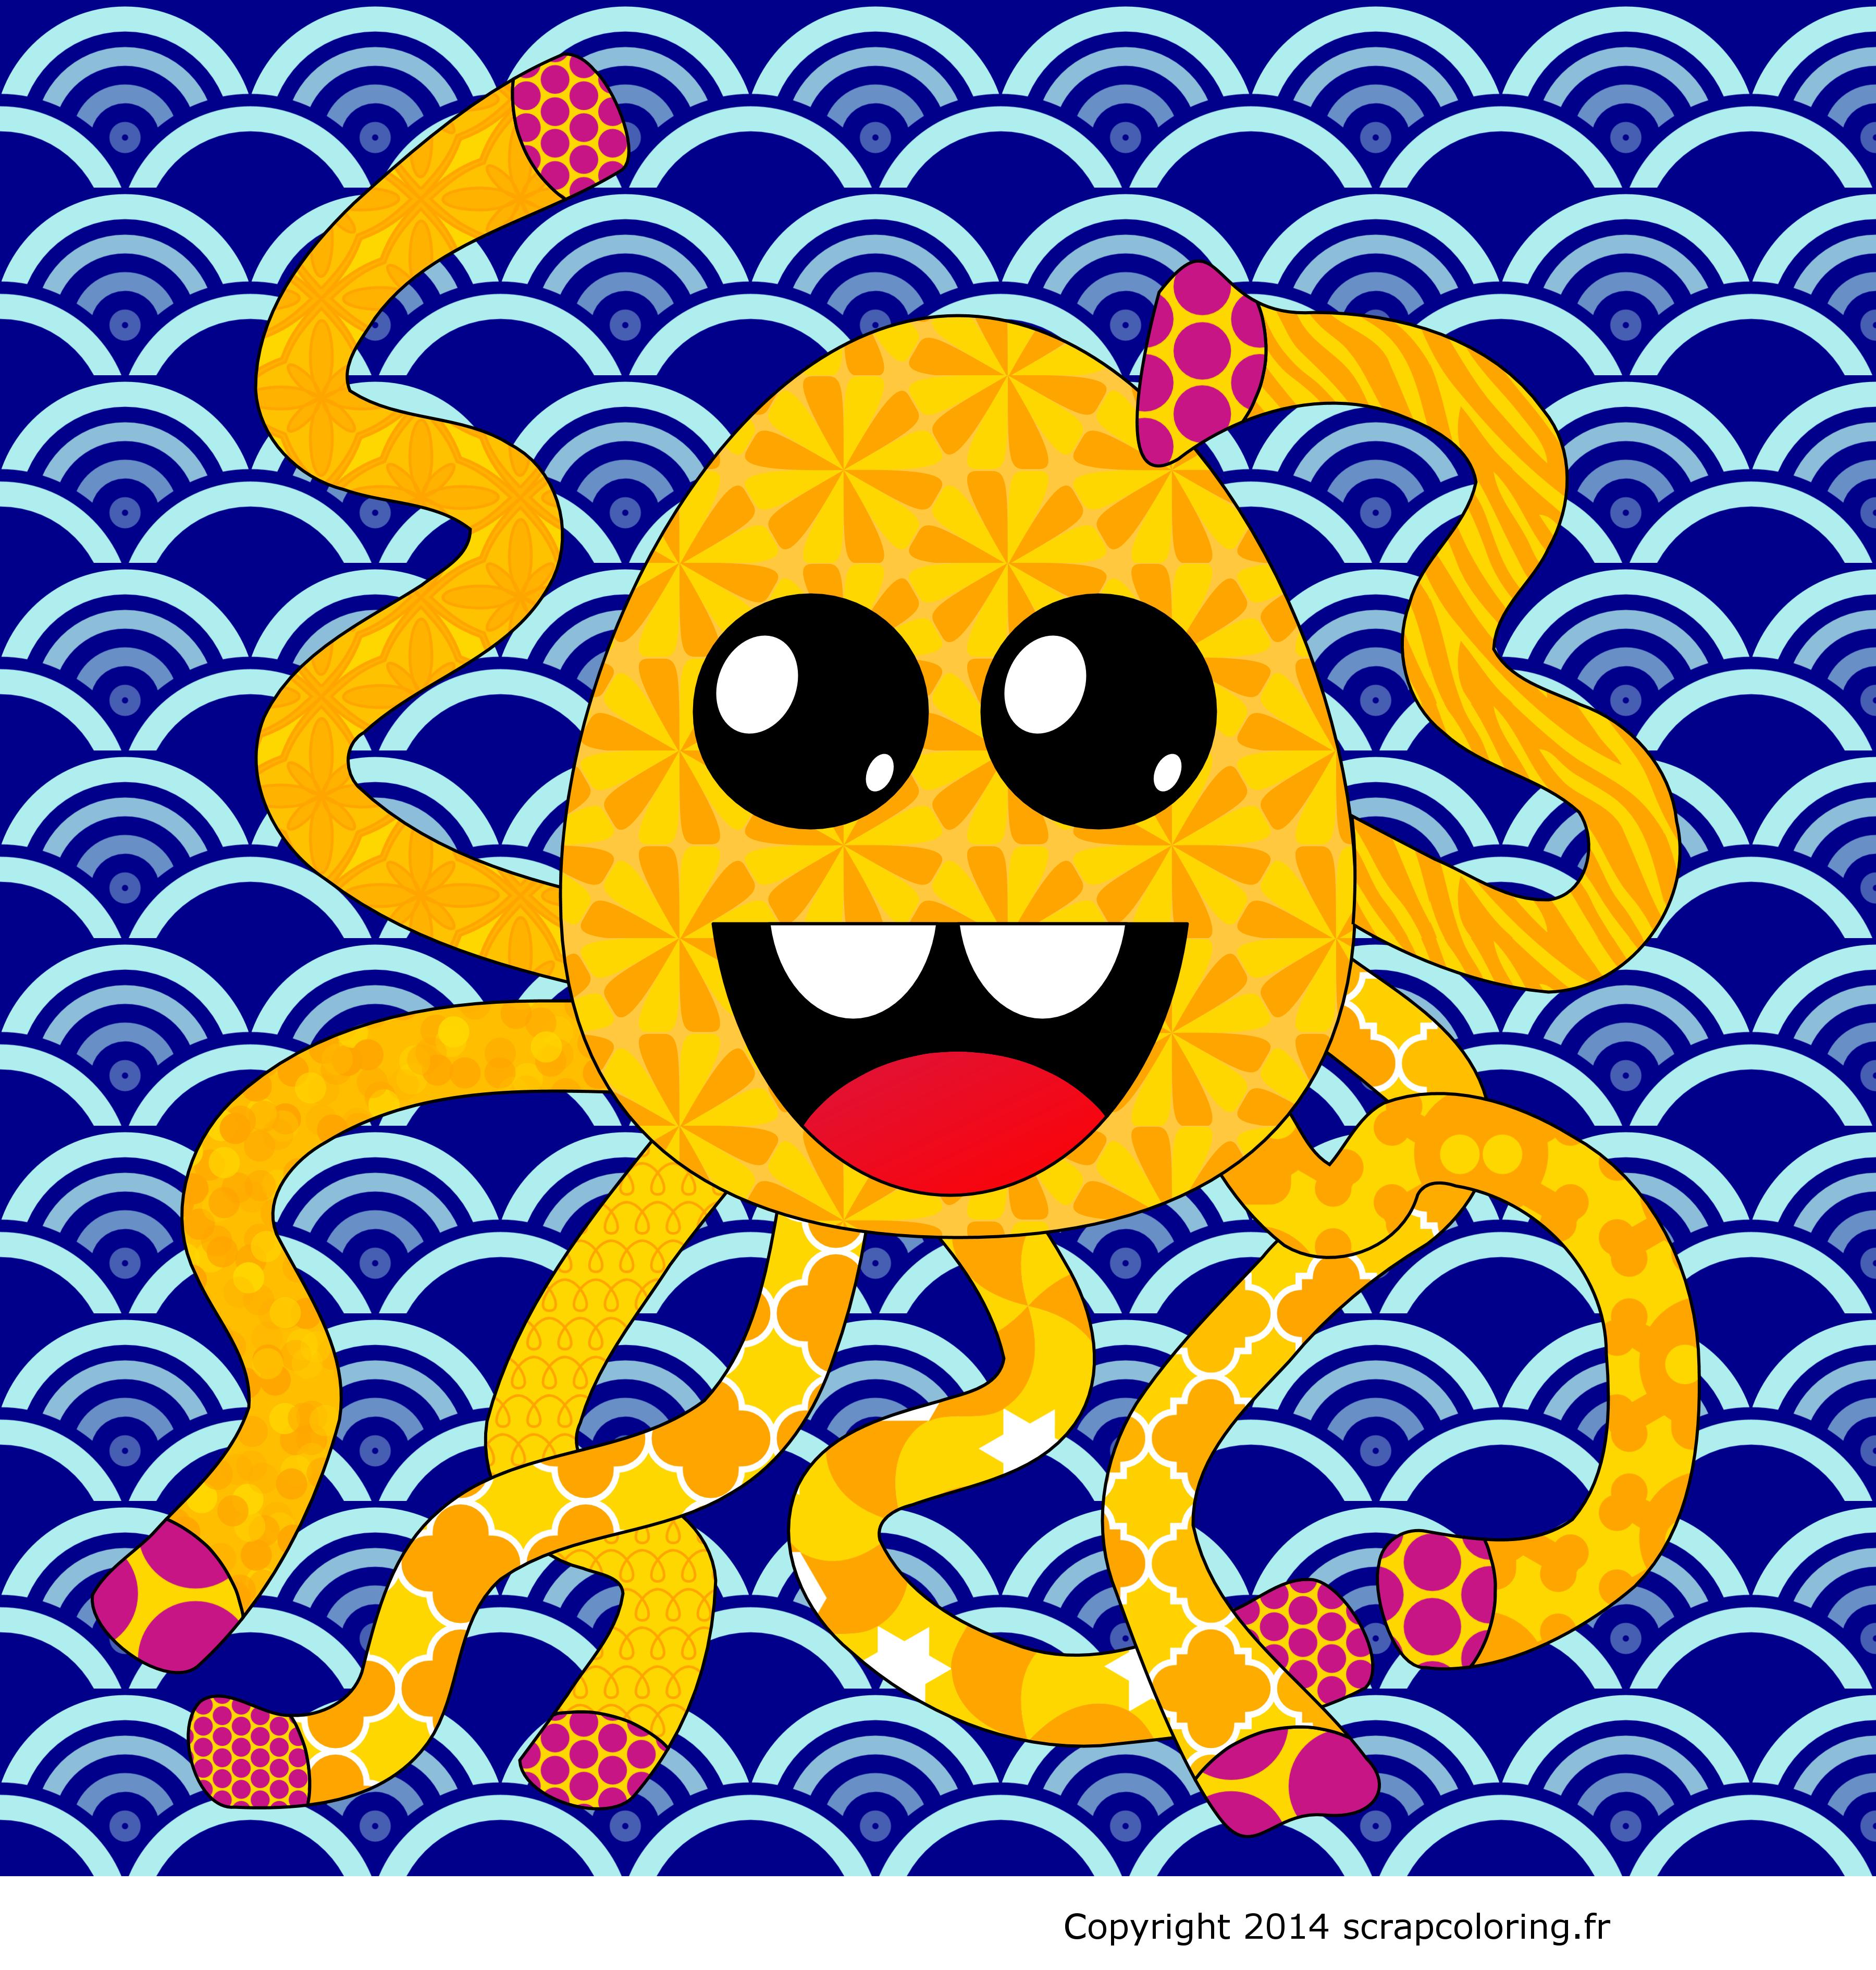 Un poulpe tr¨s joyeux qui danse dans la mer en agitant ses huit tentacules Vous aimez les poulpes les pieuvres et les octopus → plus · → Colorier le